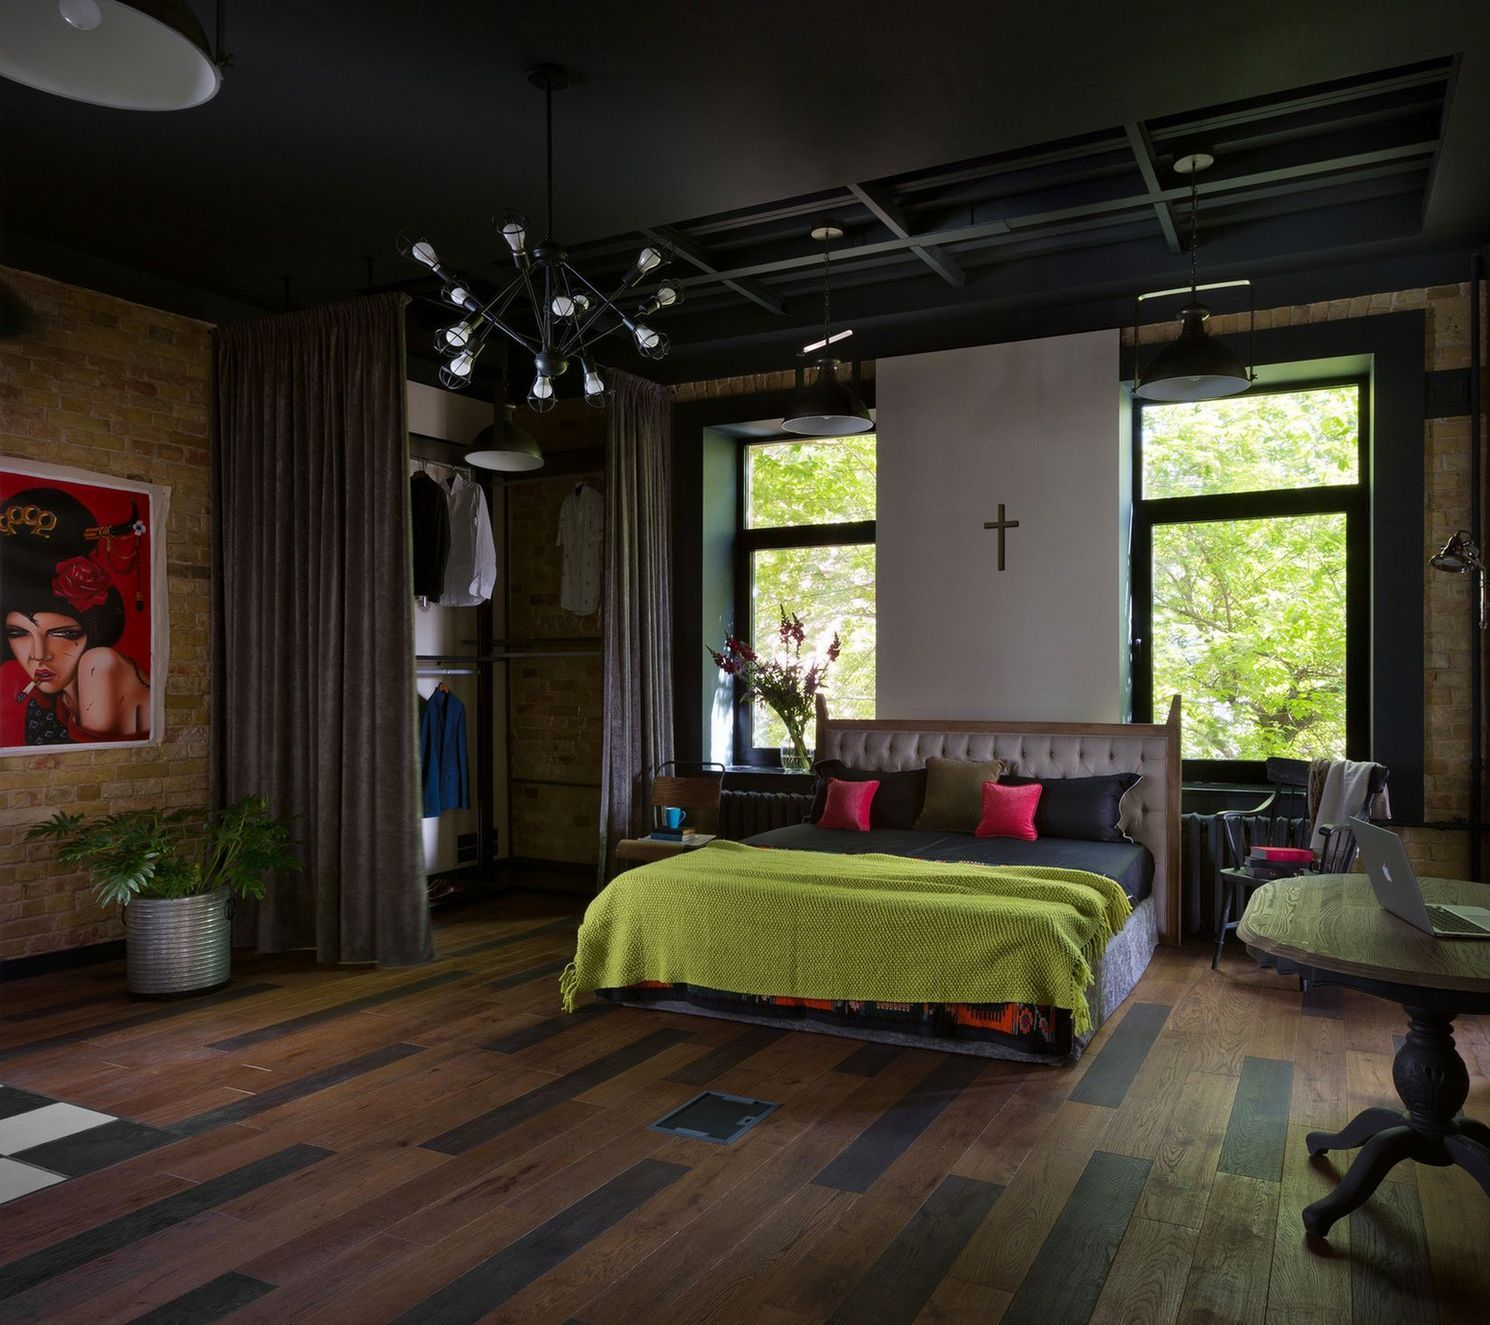 лофт апартаменты от дизайн-студии Юрия Зименко